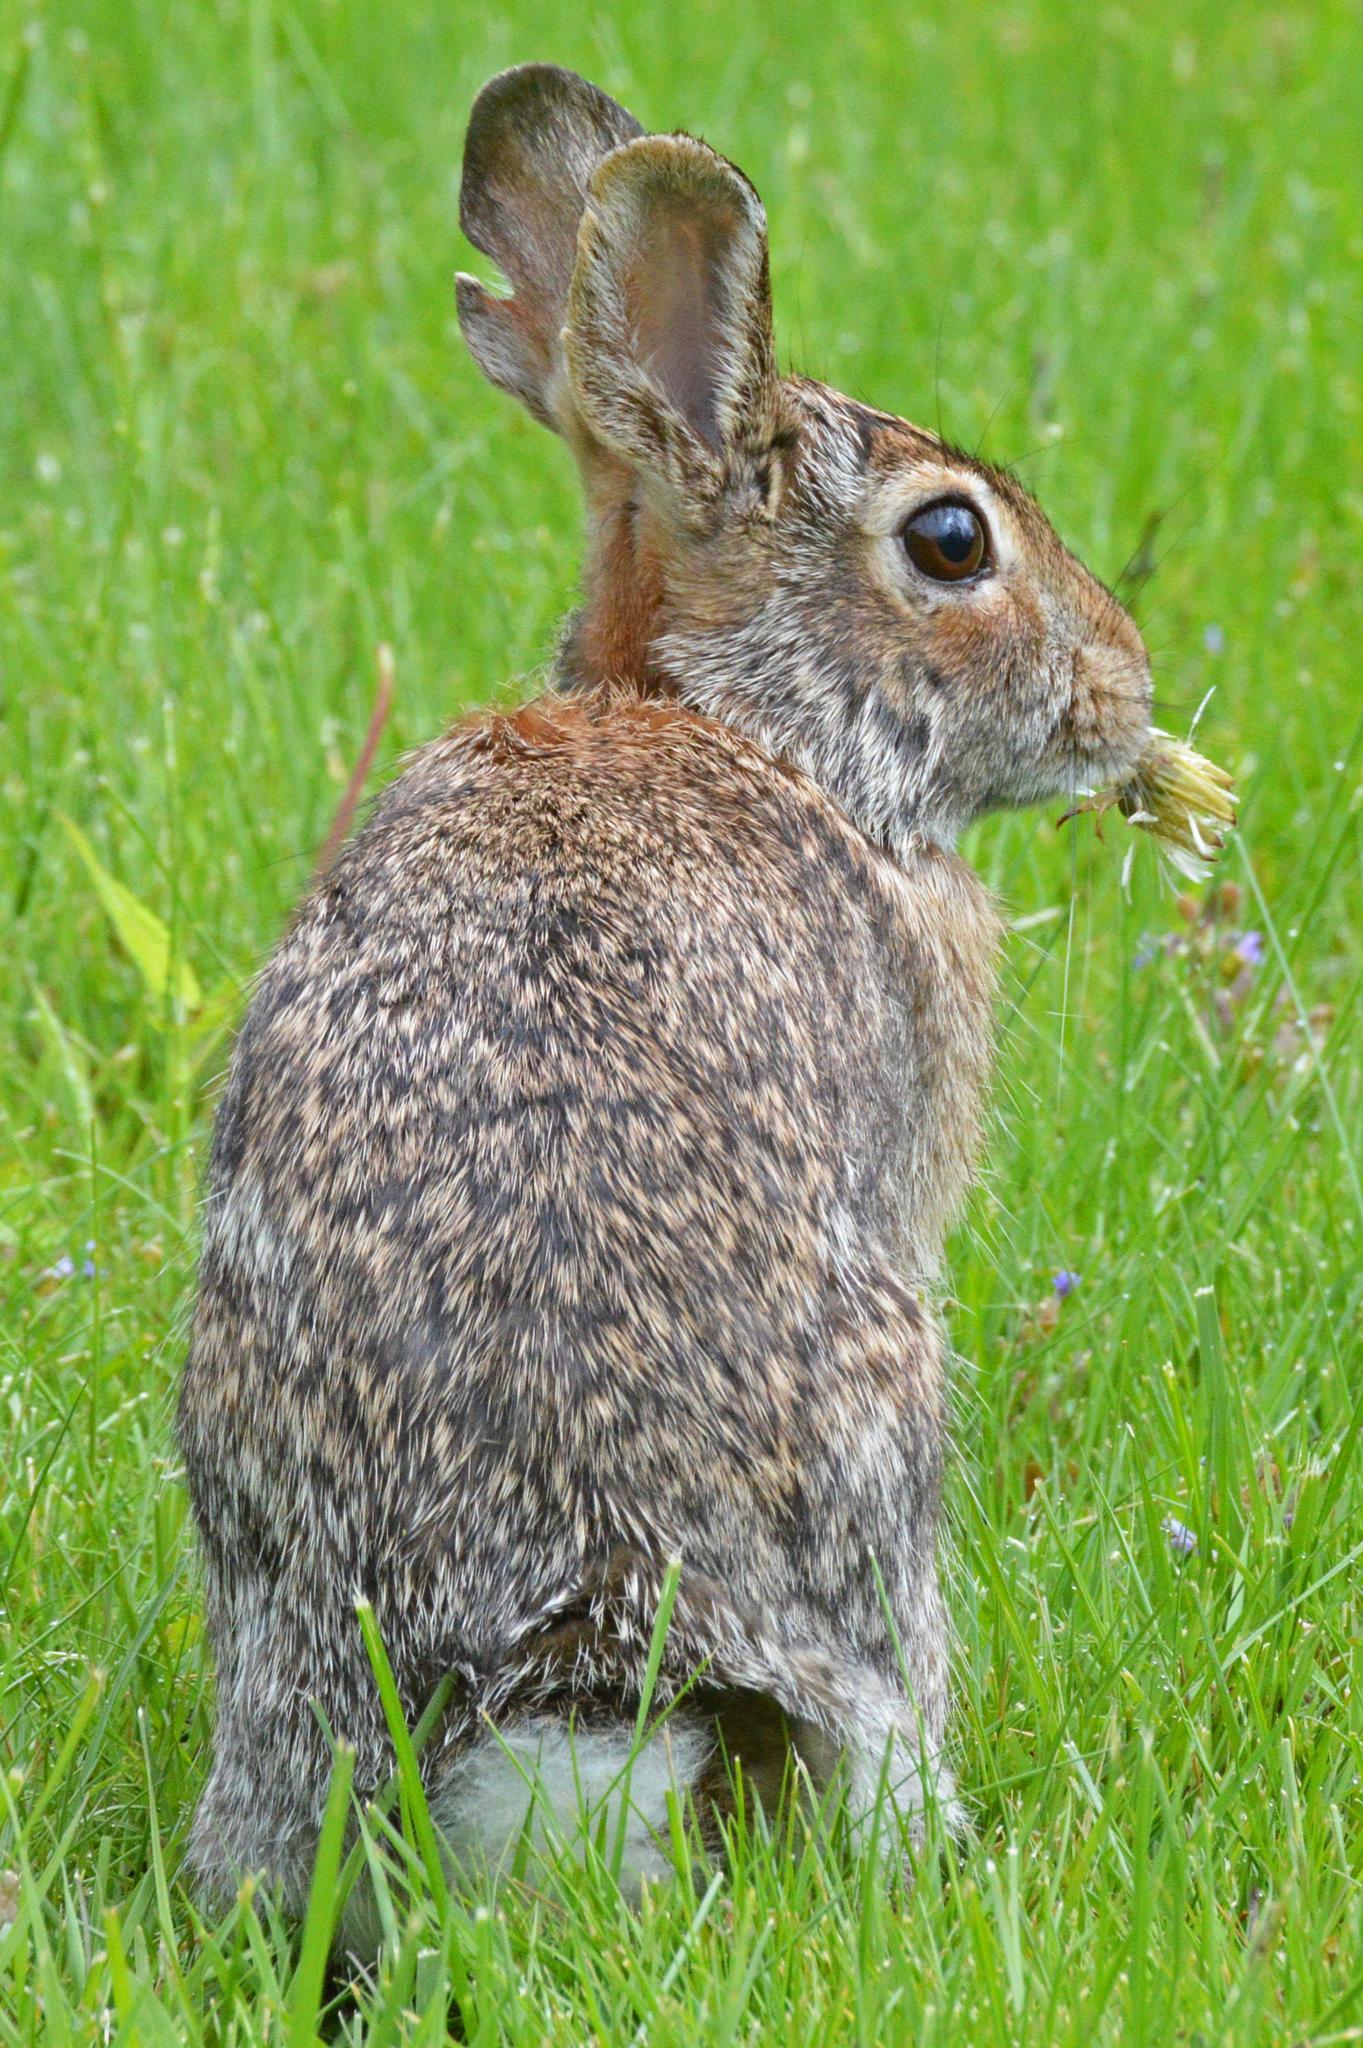 Cute Bunny by Bill B.